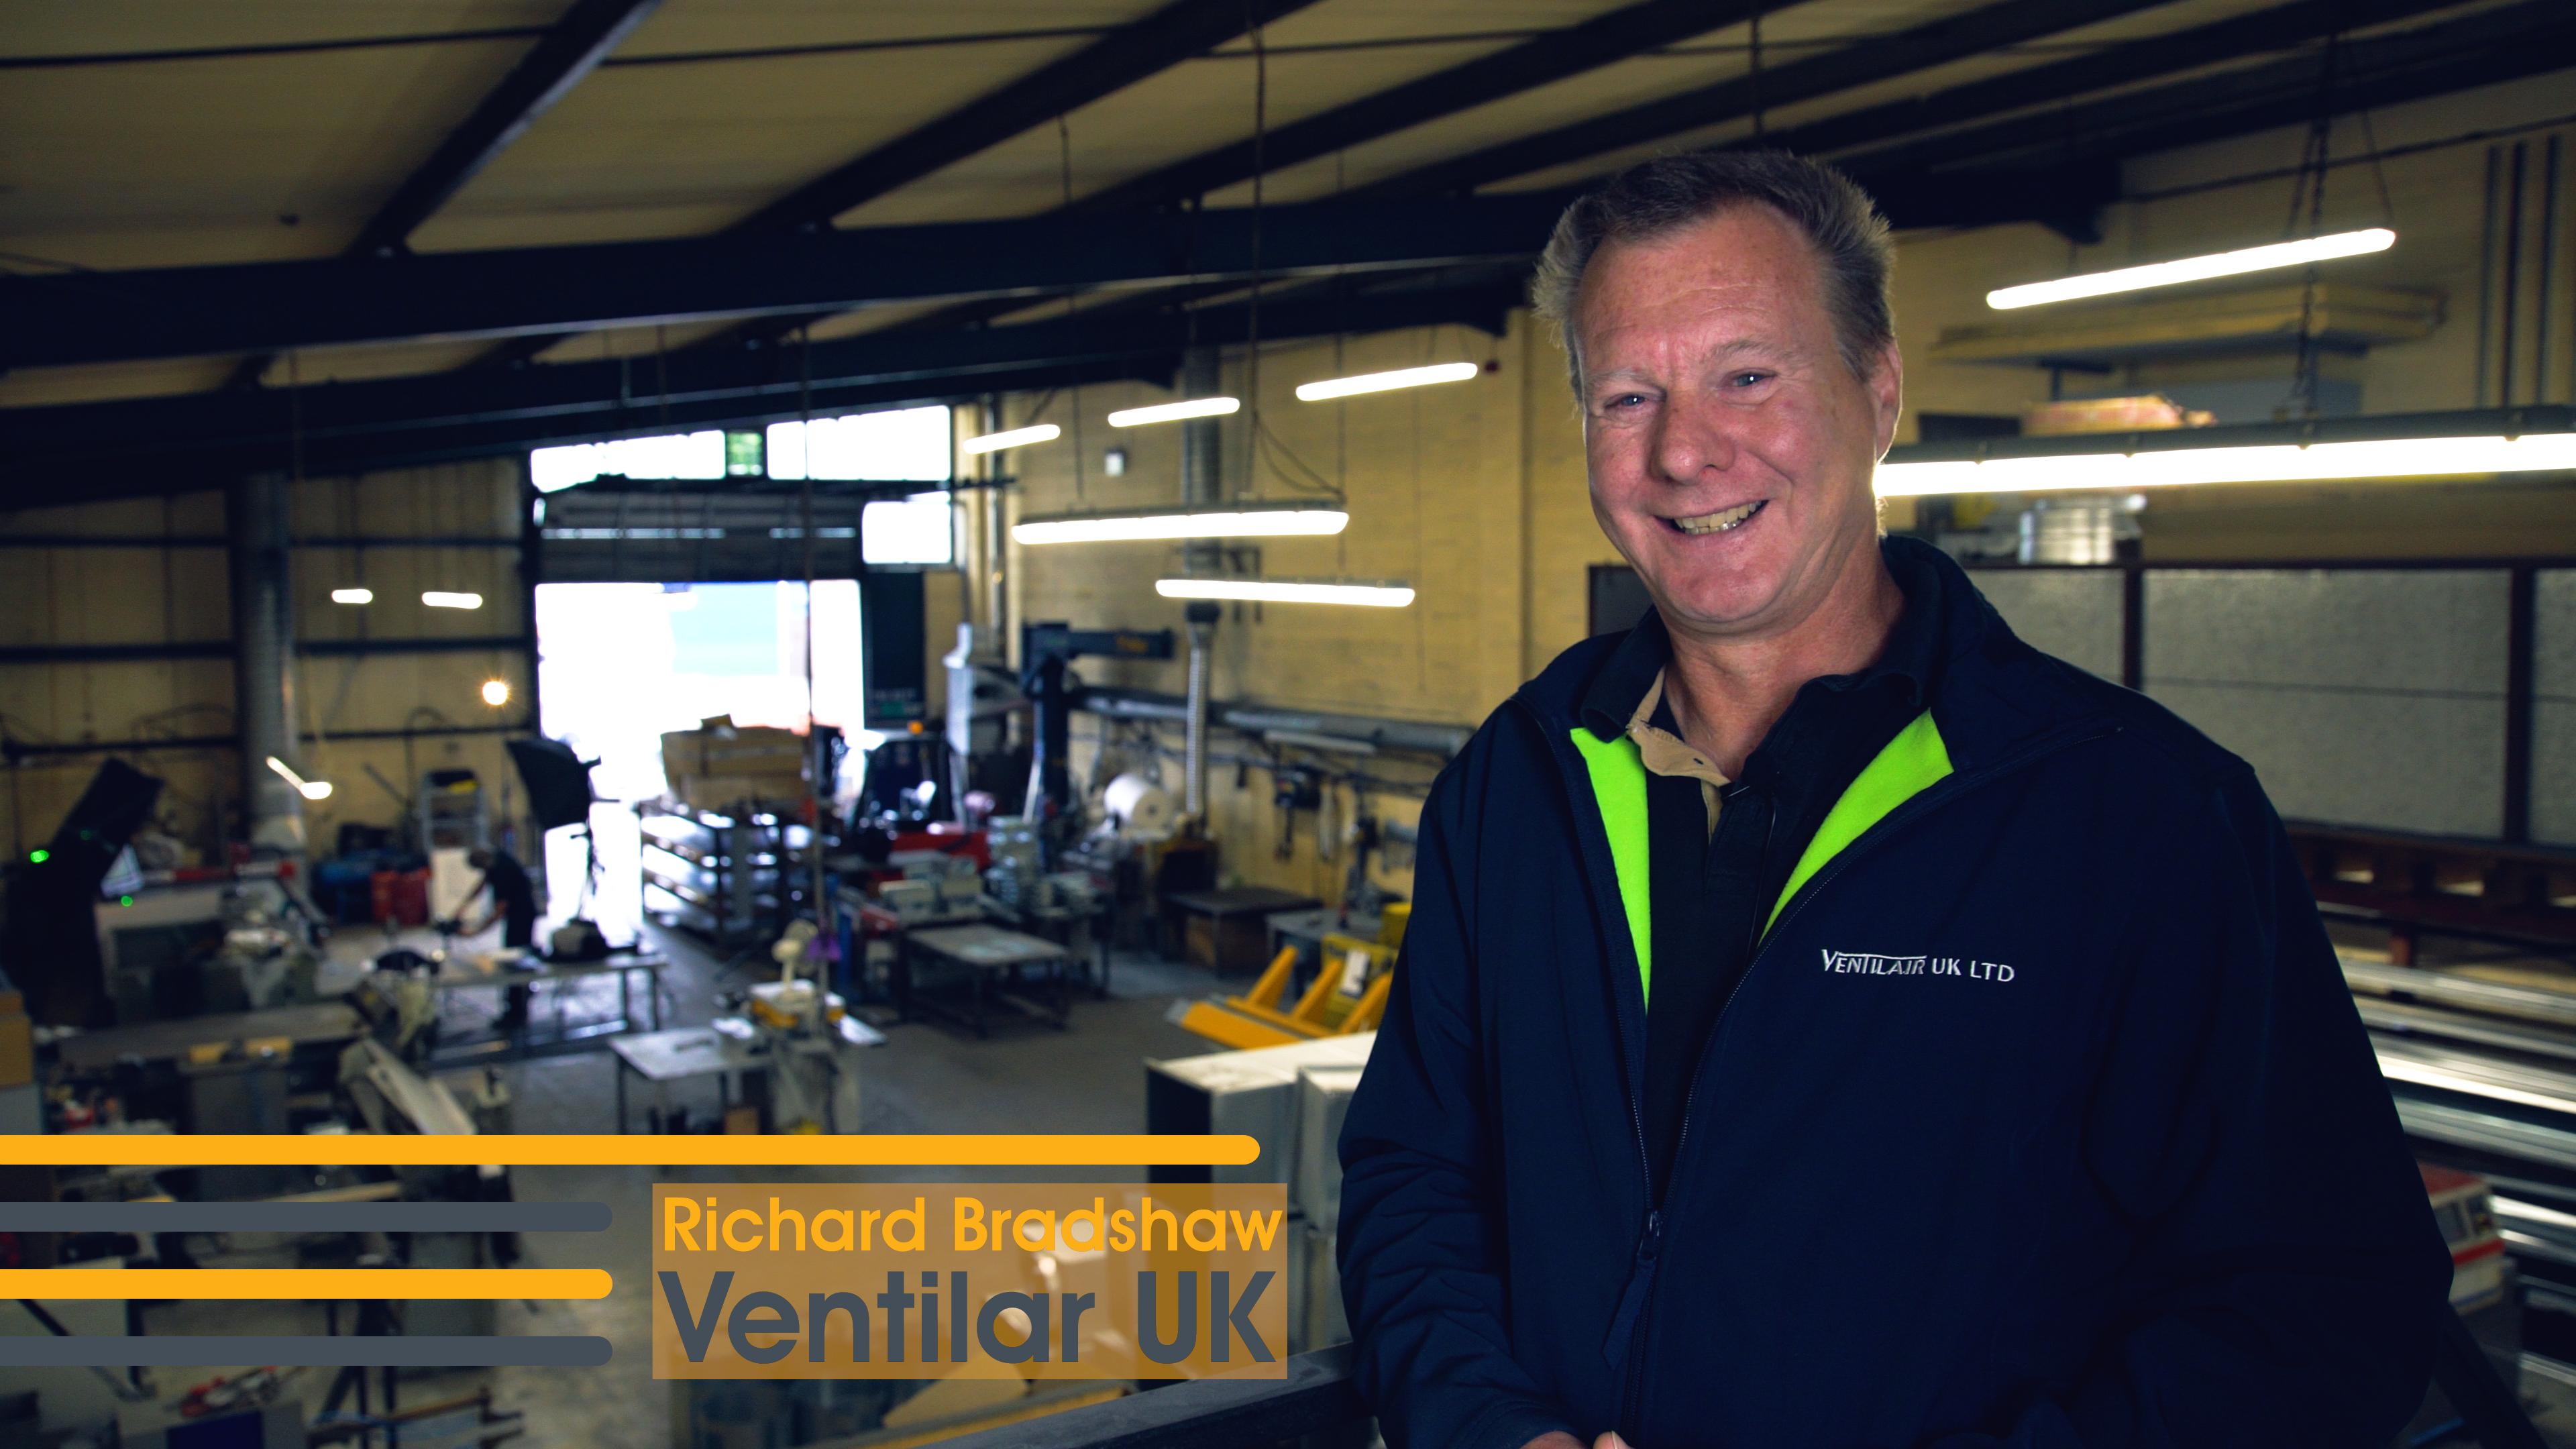 Ventilair UK